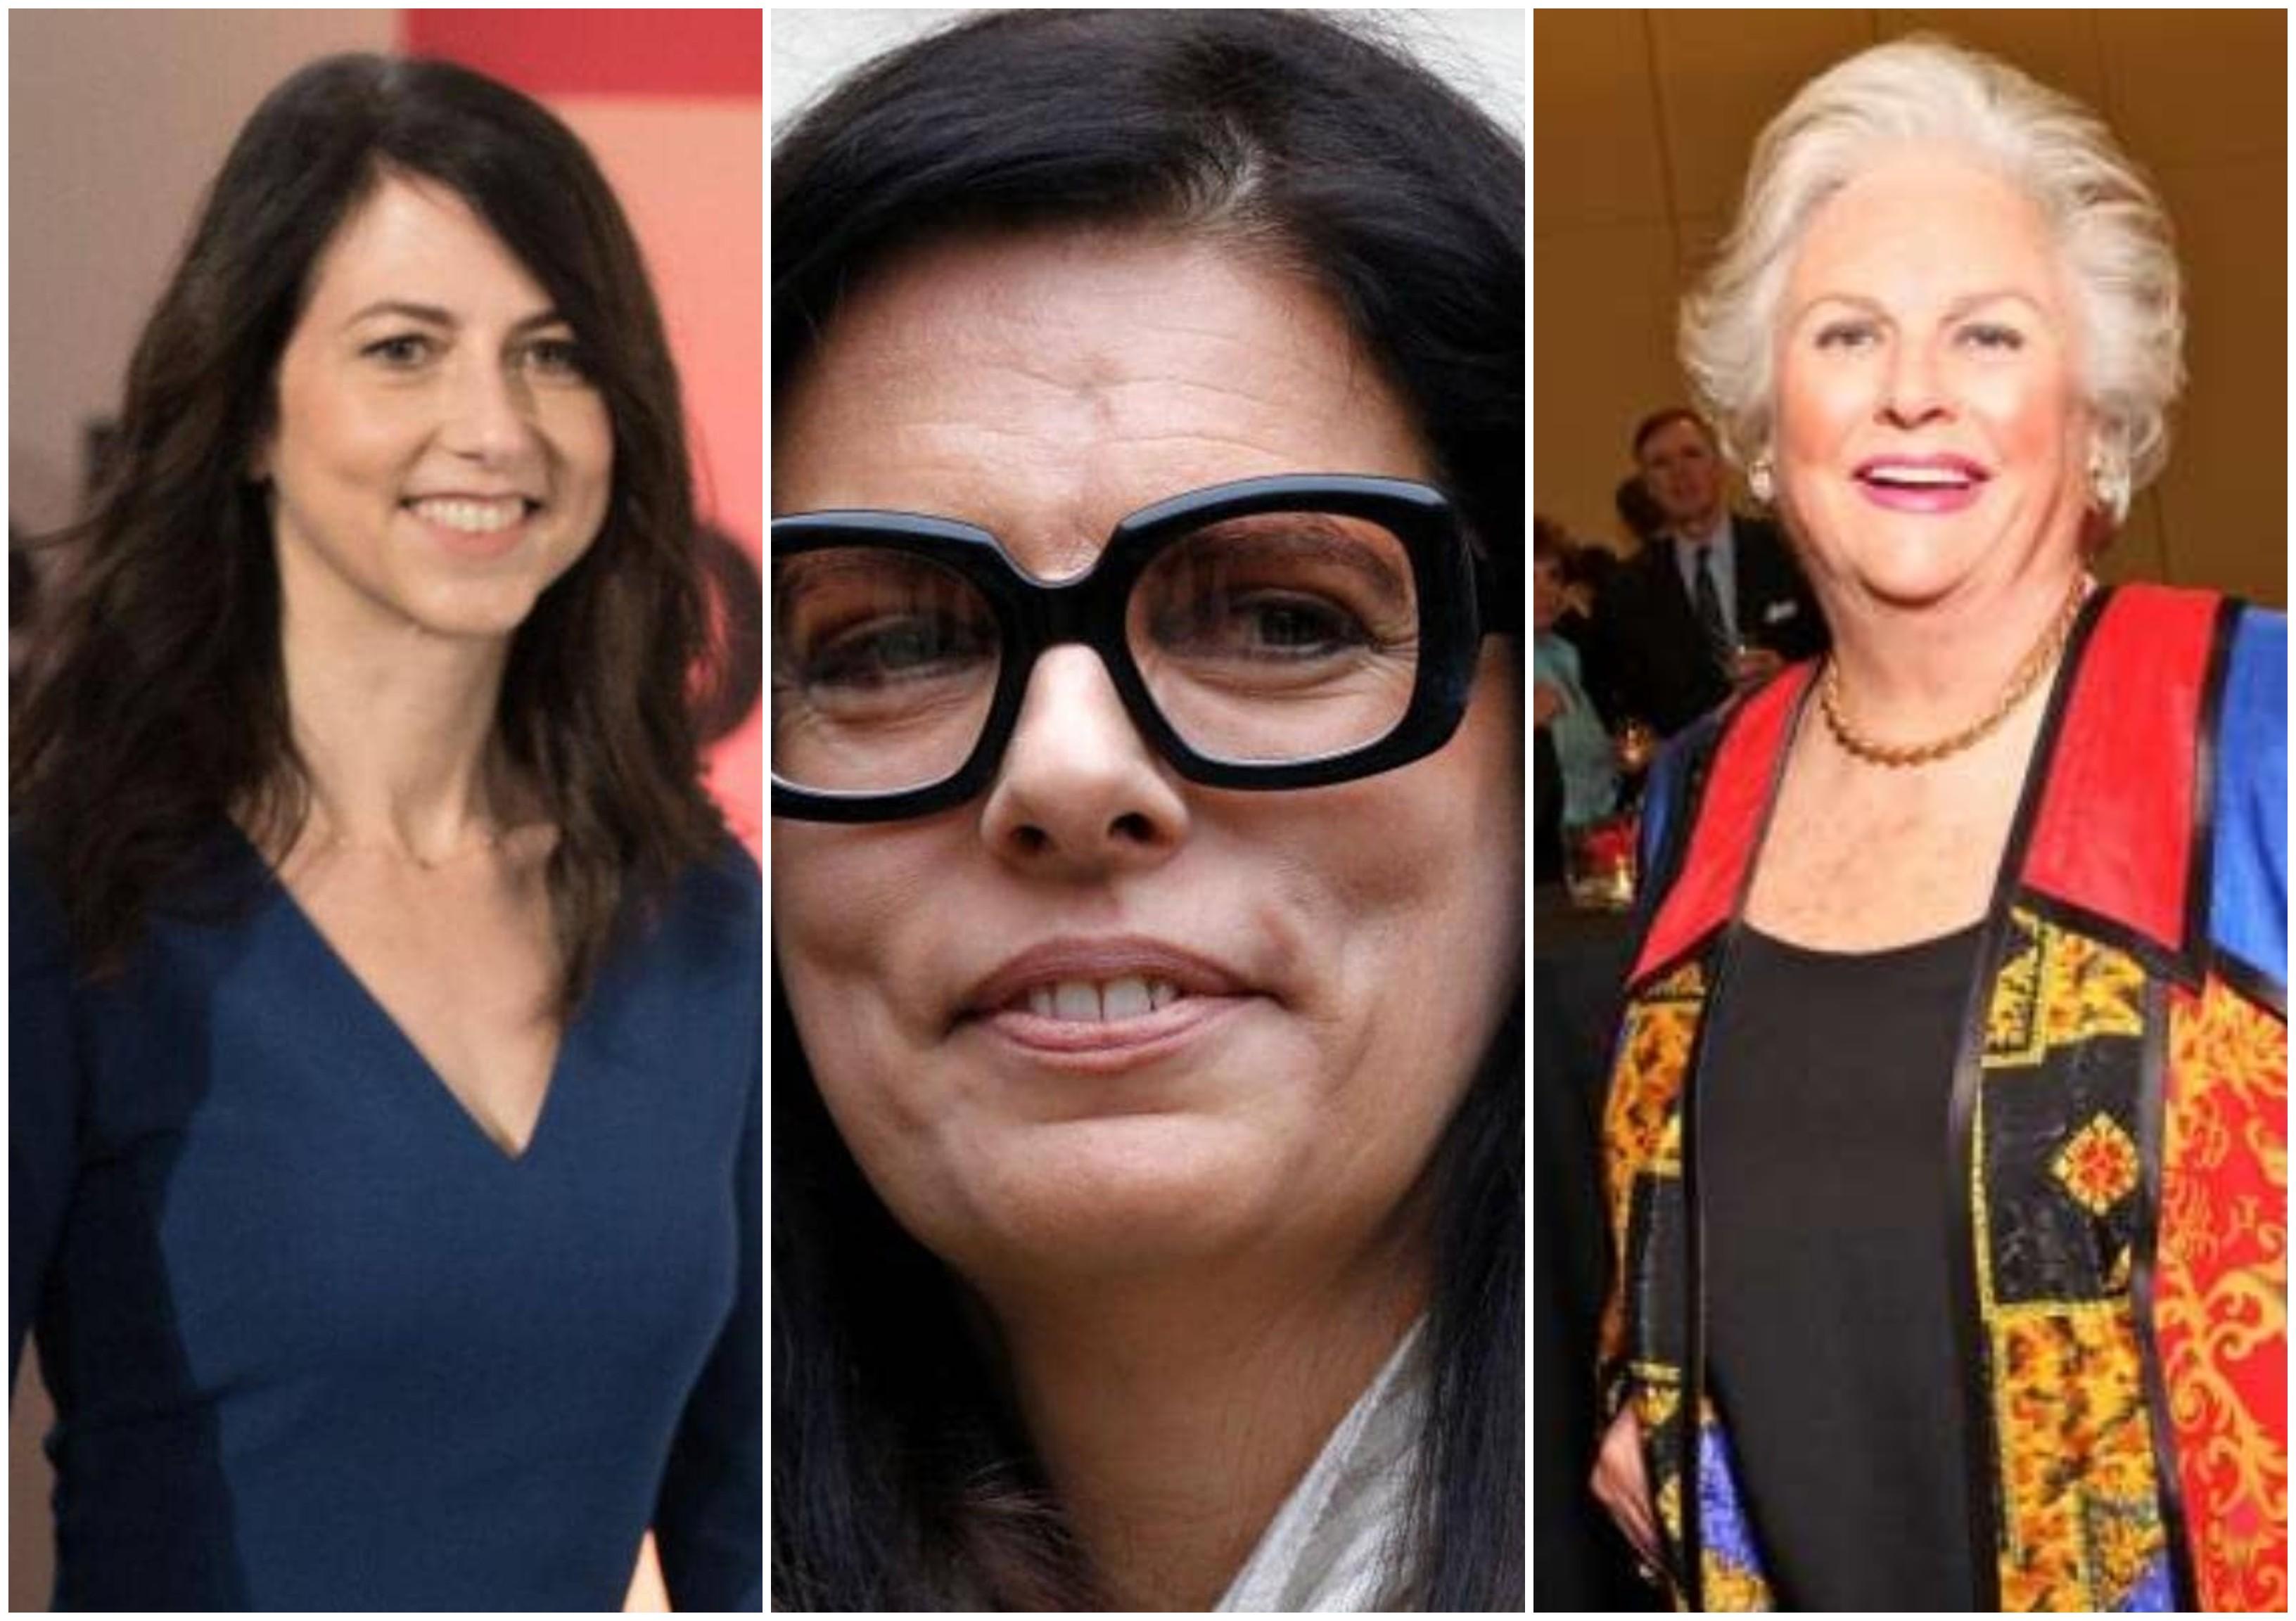 """5 نساء سيدخلن التاريخ وستتجاوز ثرواتهن الـ100 مليار دولار...إحداهن جمعت ثروتها من شركة """"مارس"""" للشوكولا"""